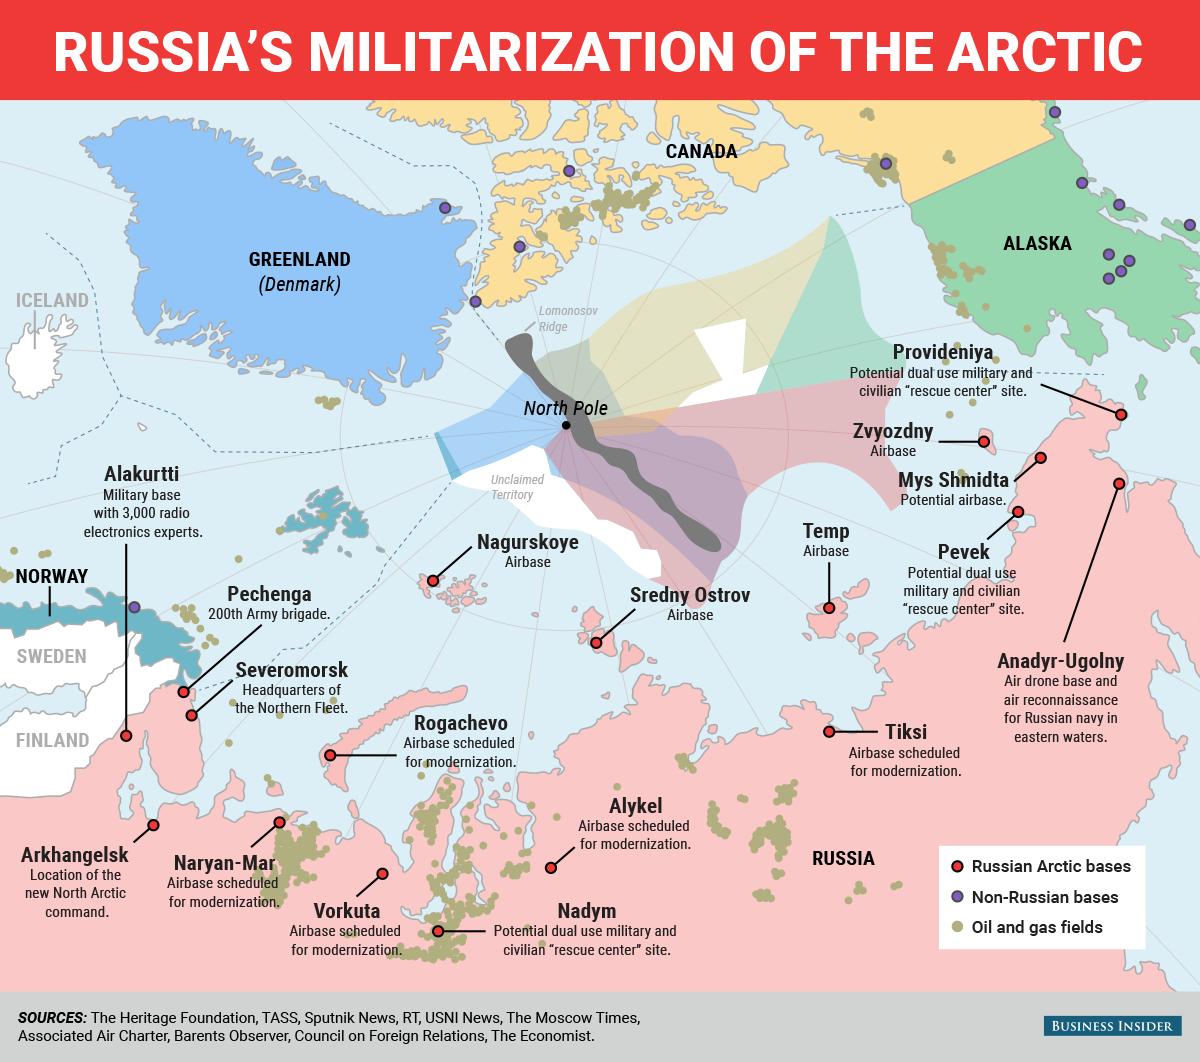 bi_graphics_russia%2527s%2Bmilitarizatio